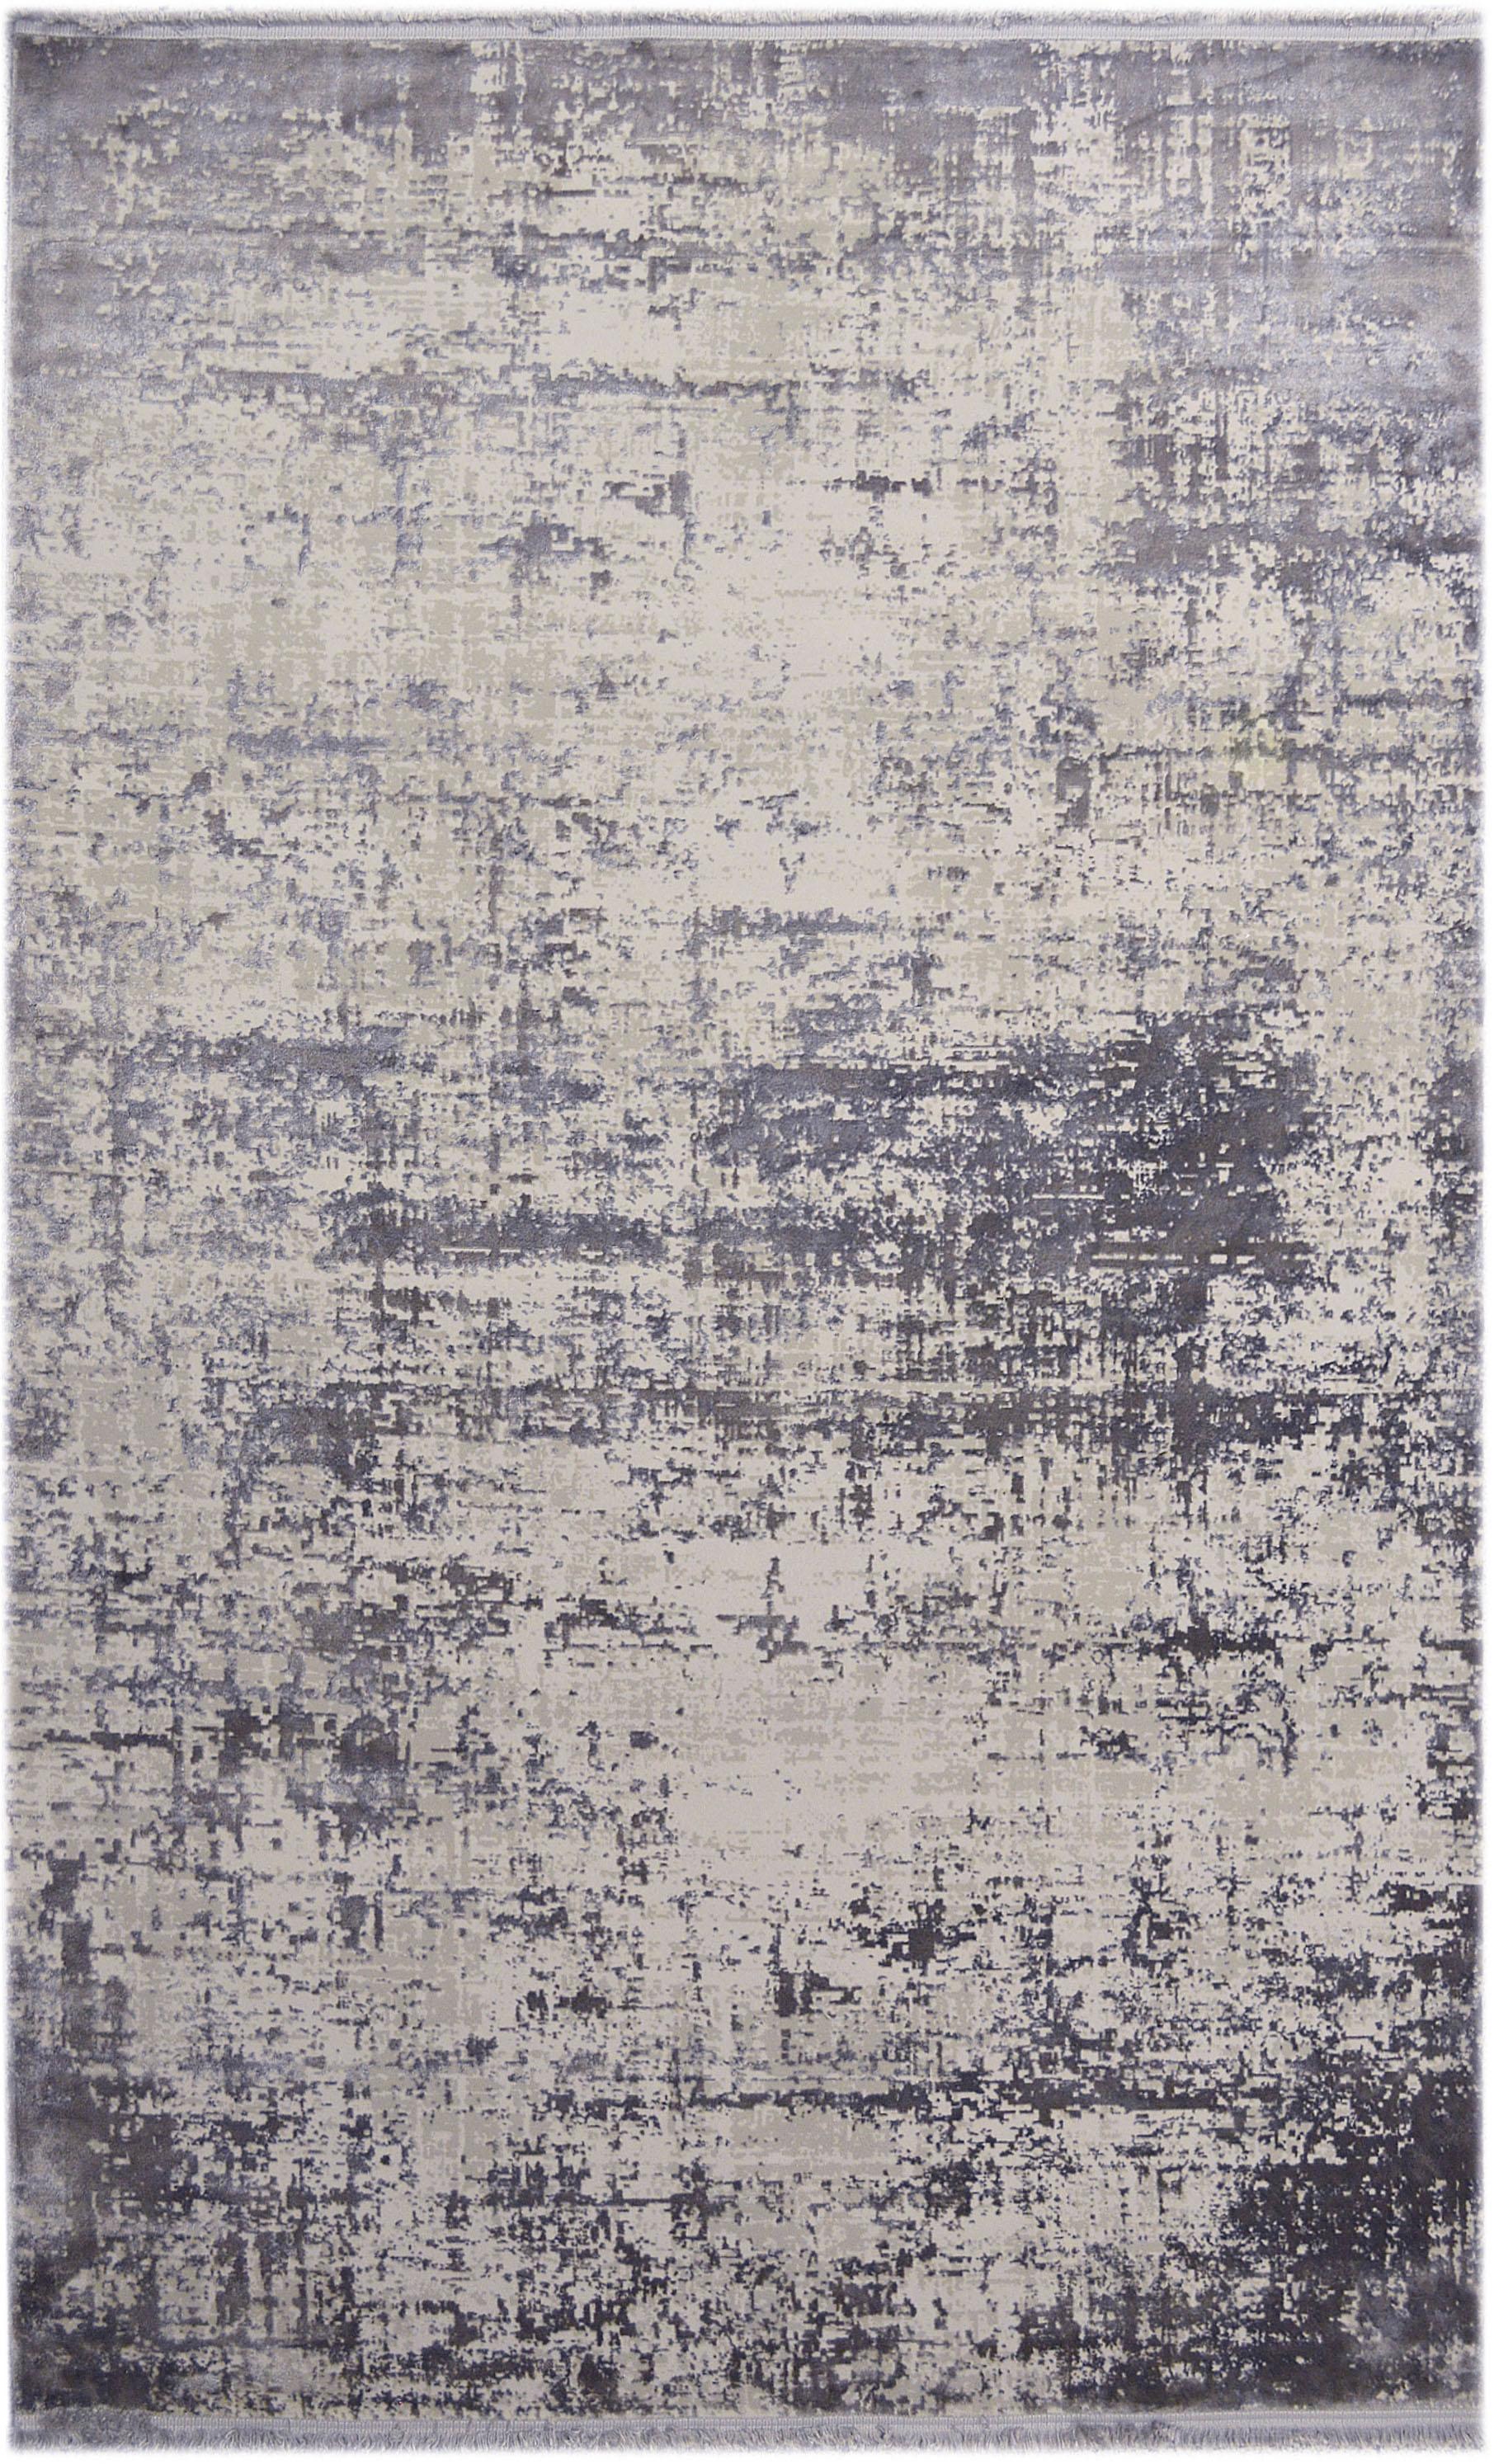 Schimmernder Teppich Cordoba mit Fransen, Vintage Style, Flor: 70% Acryl, 30% Viskose, Grautöne mit leichtem Lilastich, B 130 x L 190 cm (Größe S)